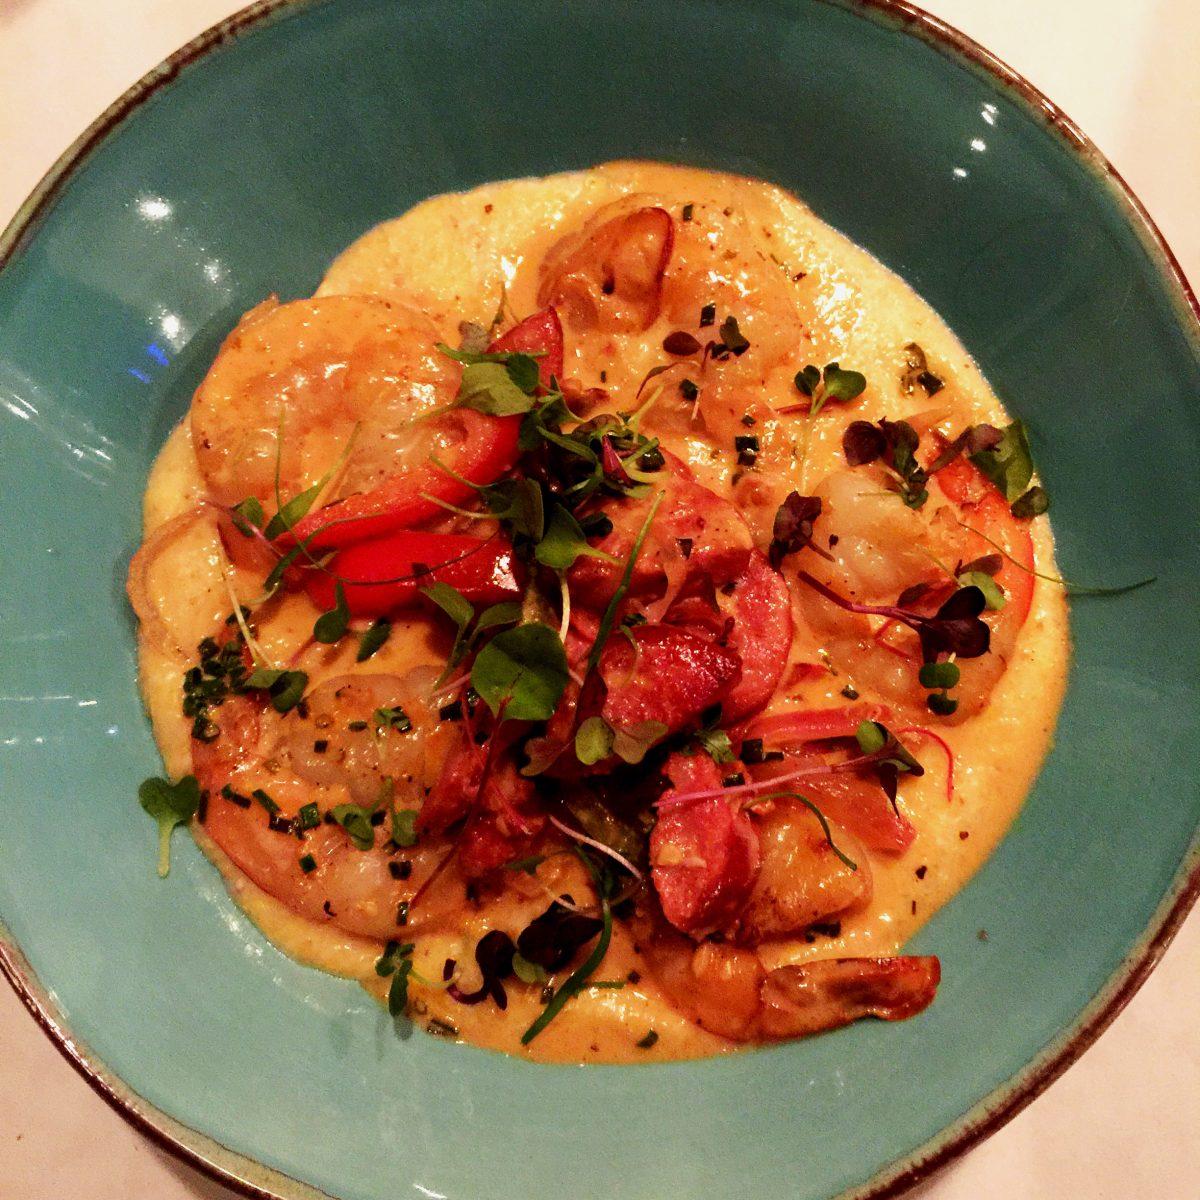 Nashville Restaurants Shrimp & Grits from Spinach Tiger